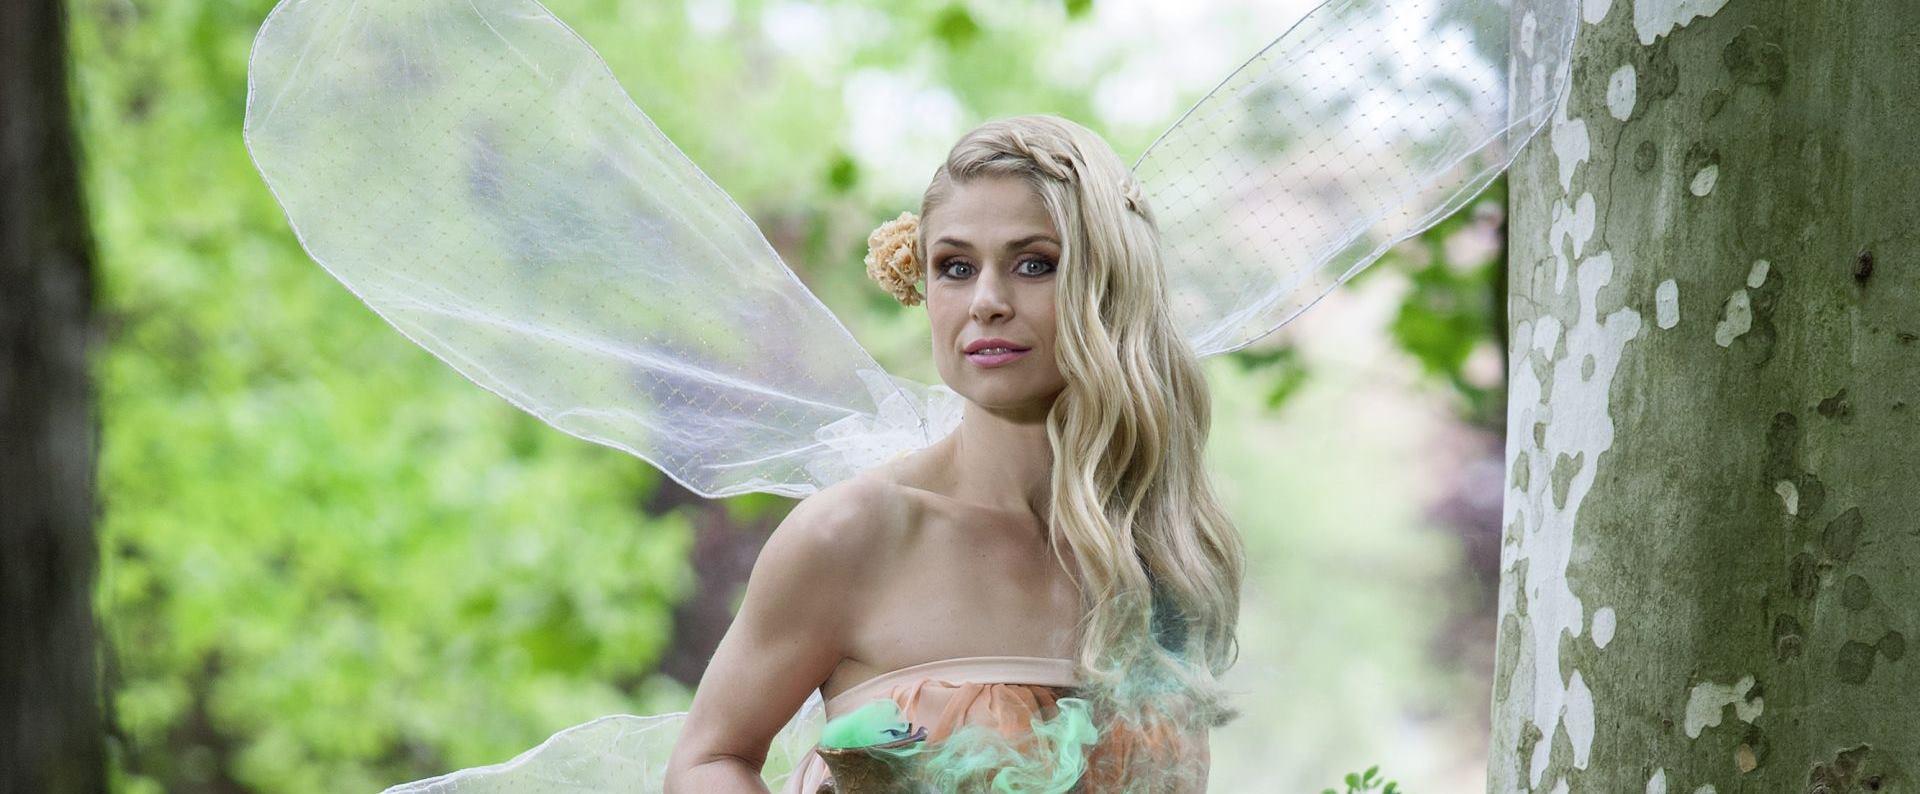 FOTO: STUDIO MARCELA Poznate Hrvatice u modnom editorijalu kao šumske vile